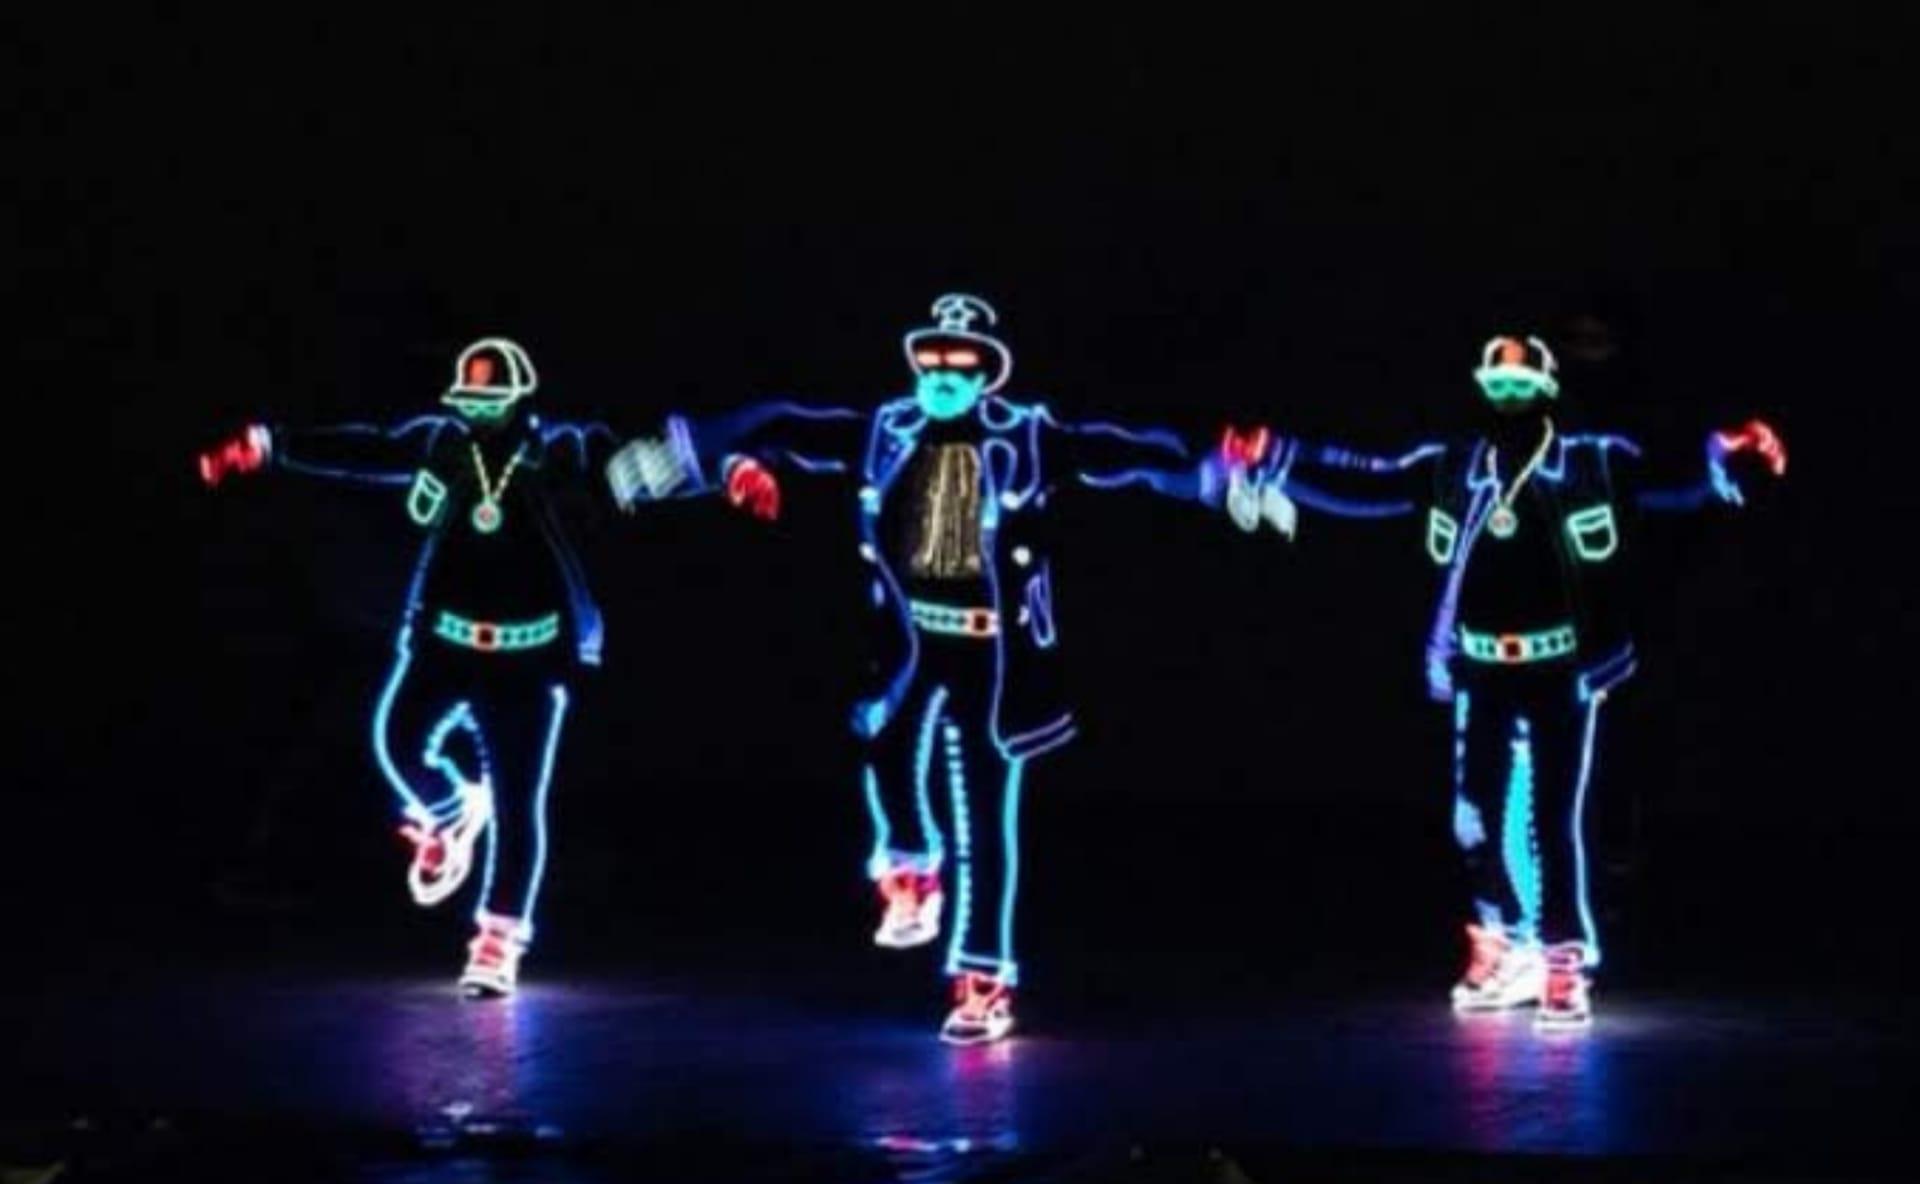 O grupo Light Balance encerrou o leque de performances da noite